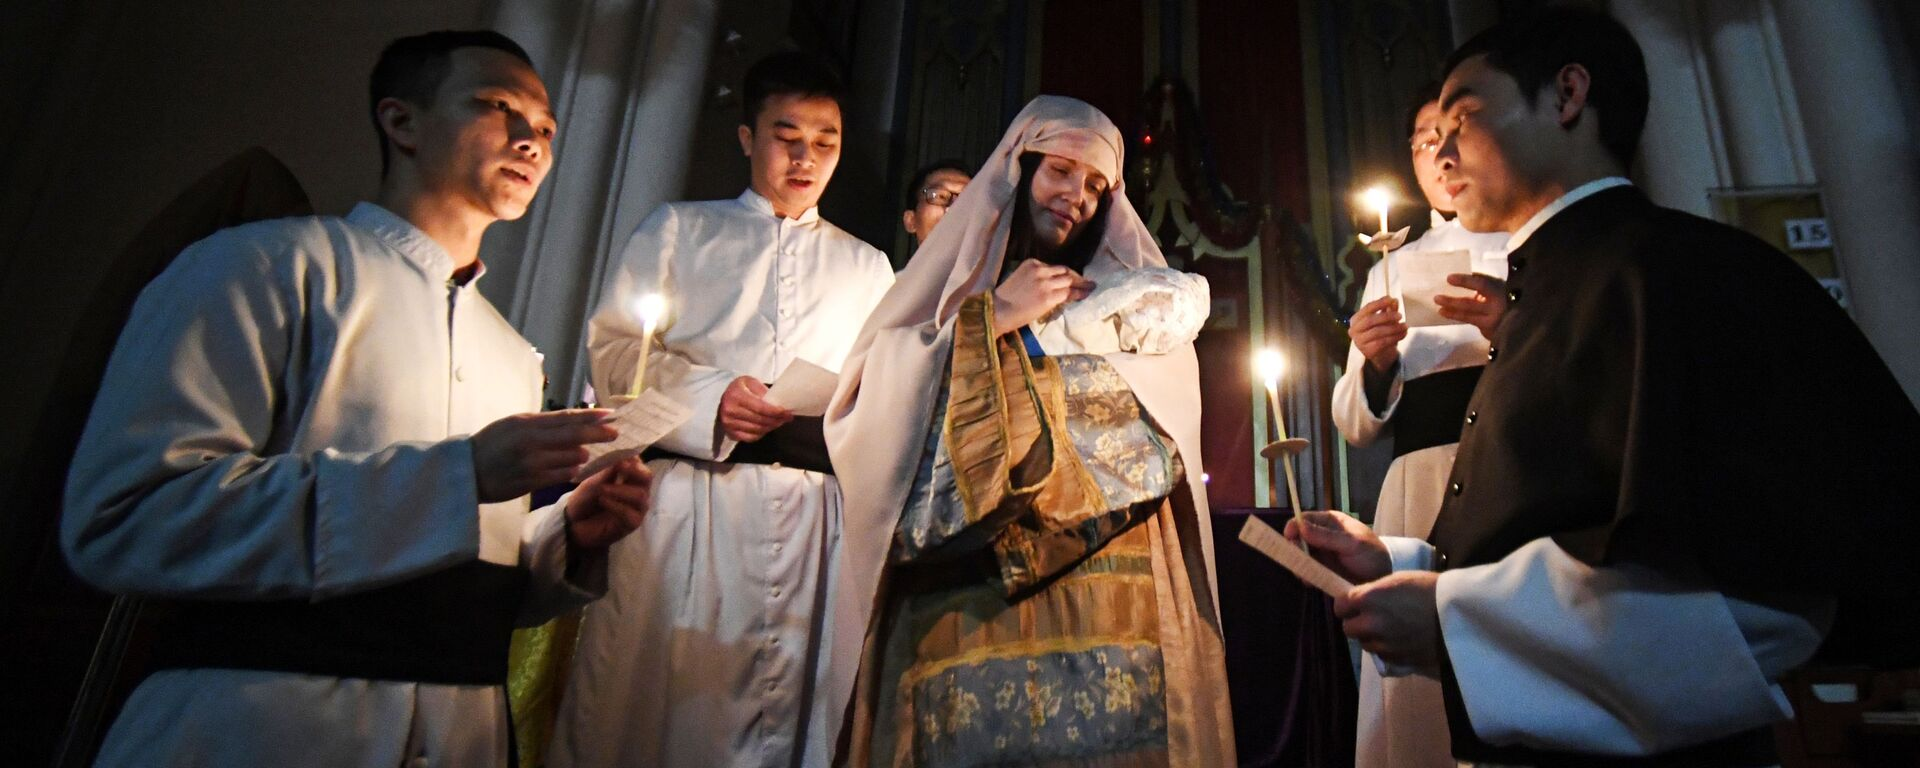 Священнослужители во время службы на праздновании Рождества Христова в католической церкви пресвятой Богородицы во Владивостоке - Sputnik Грузия, 1920, 09.09.2021